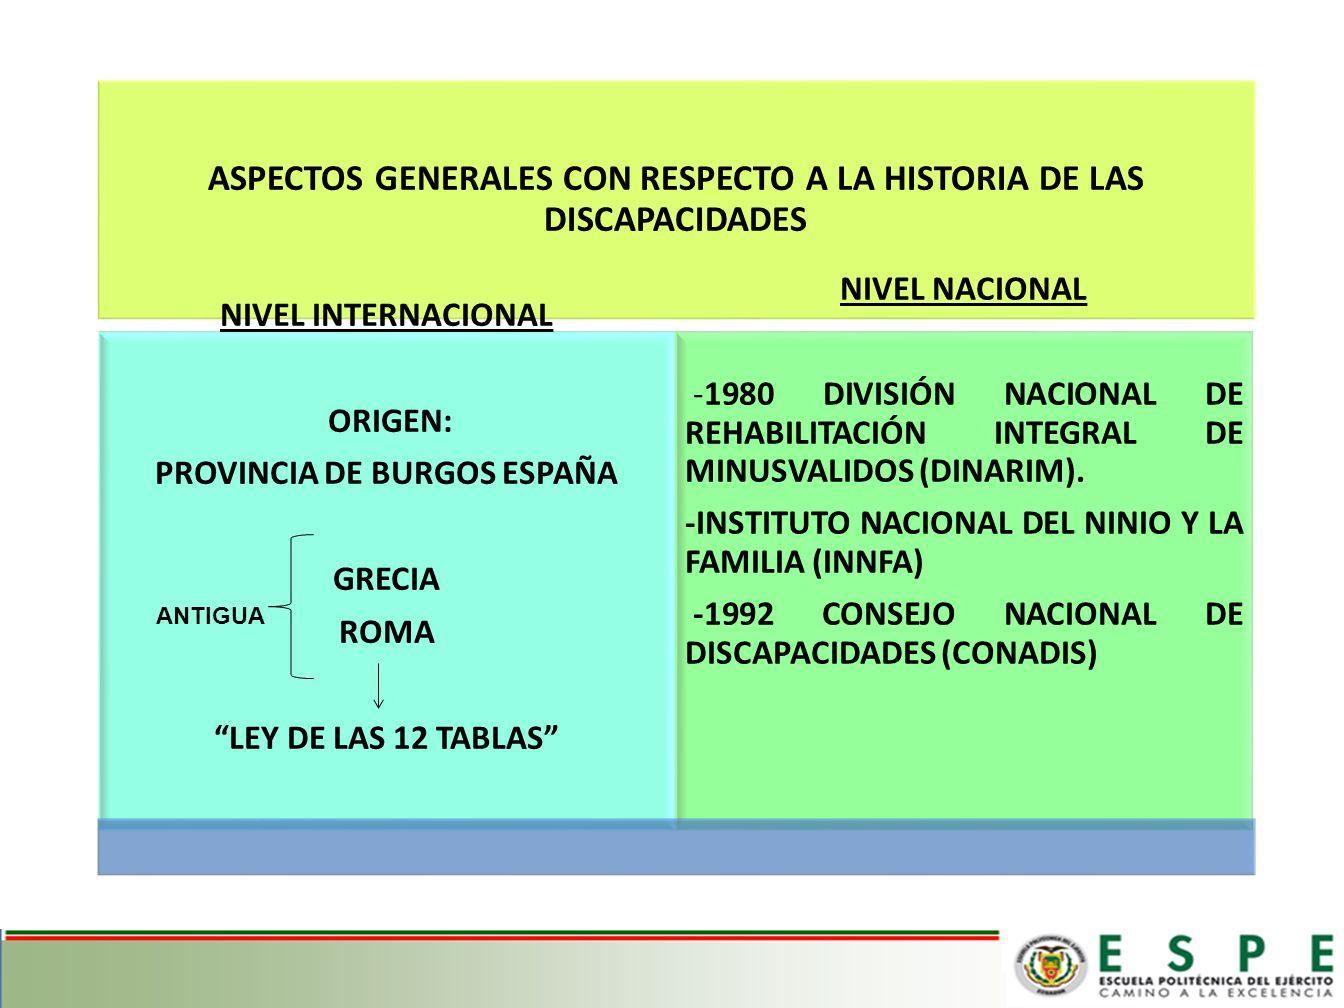 ASPECTOS GENERALES CON RESPECTO A LA HISTORIA DE LAS DISCAPACIDADES